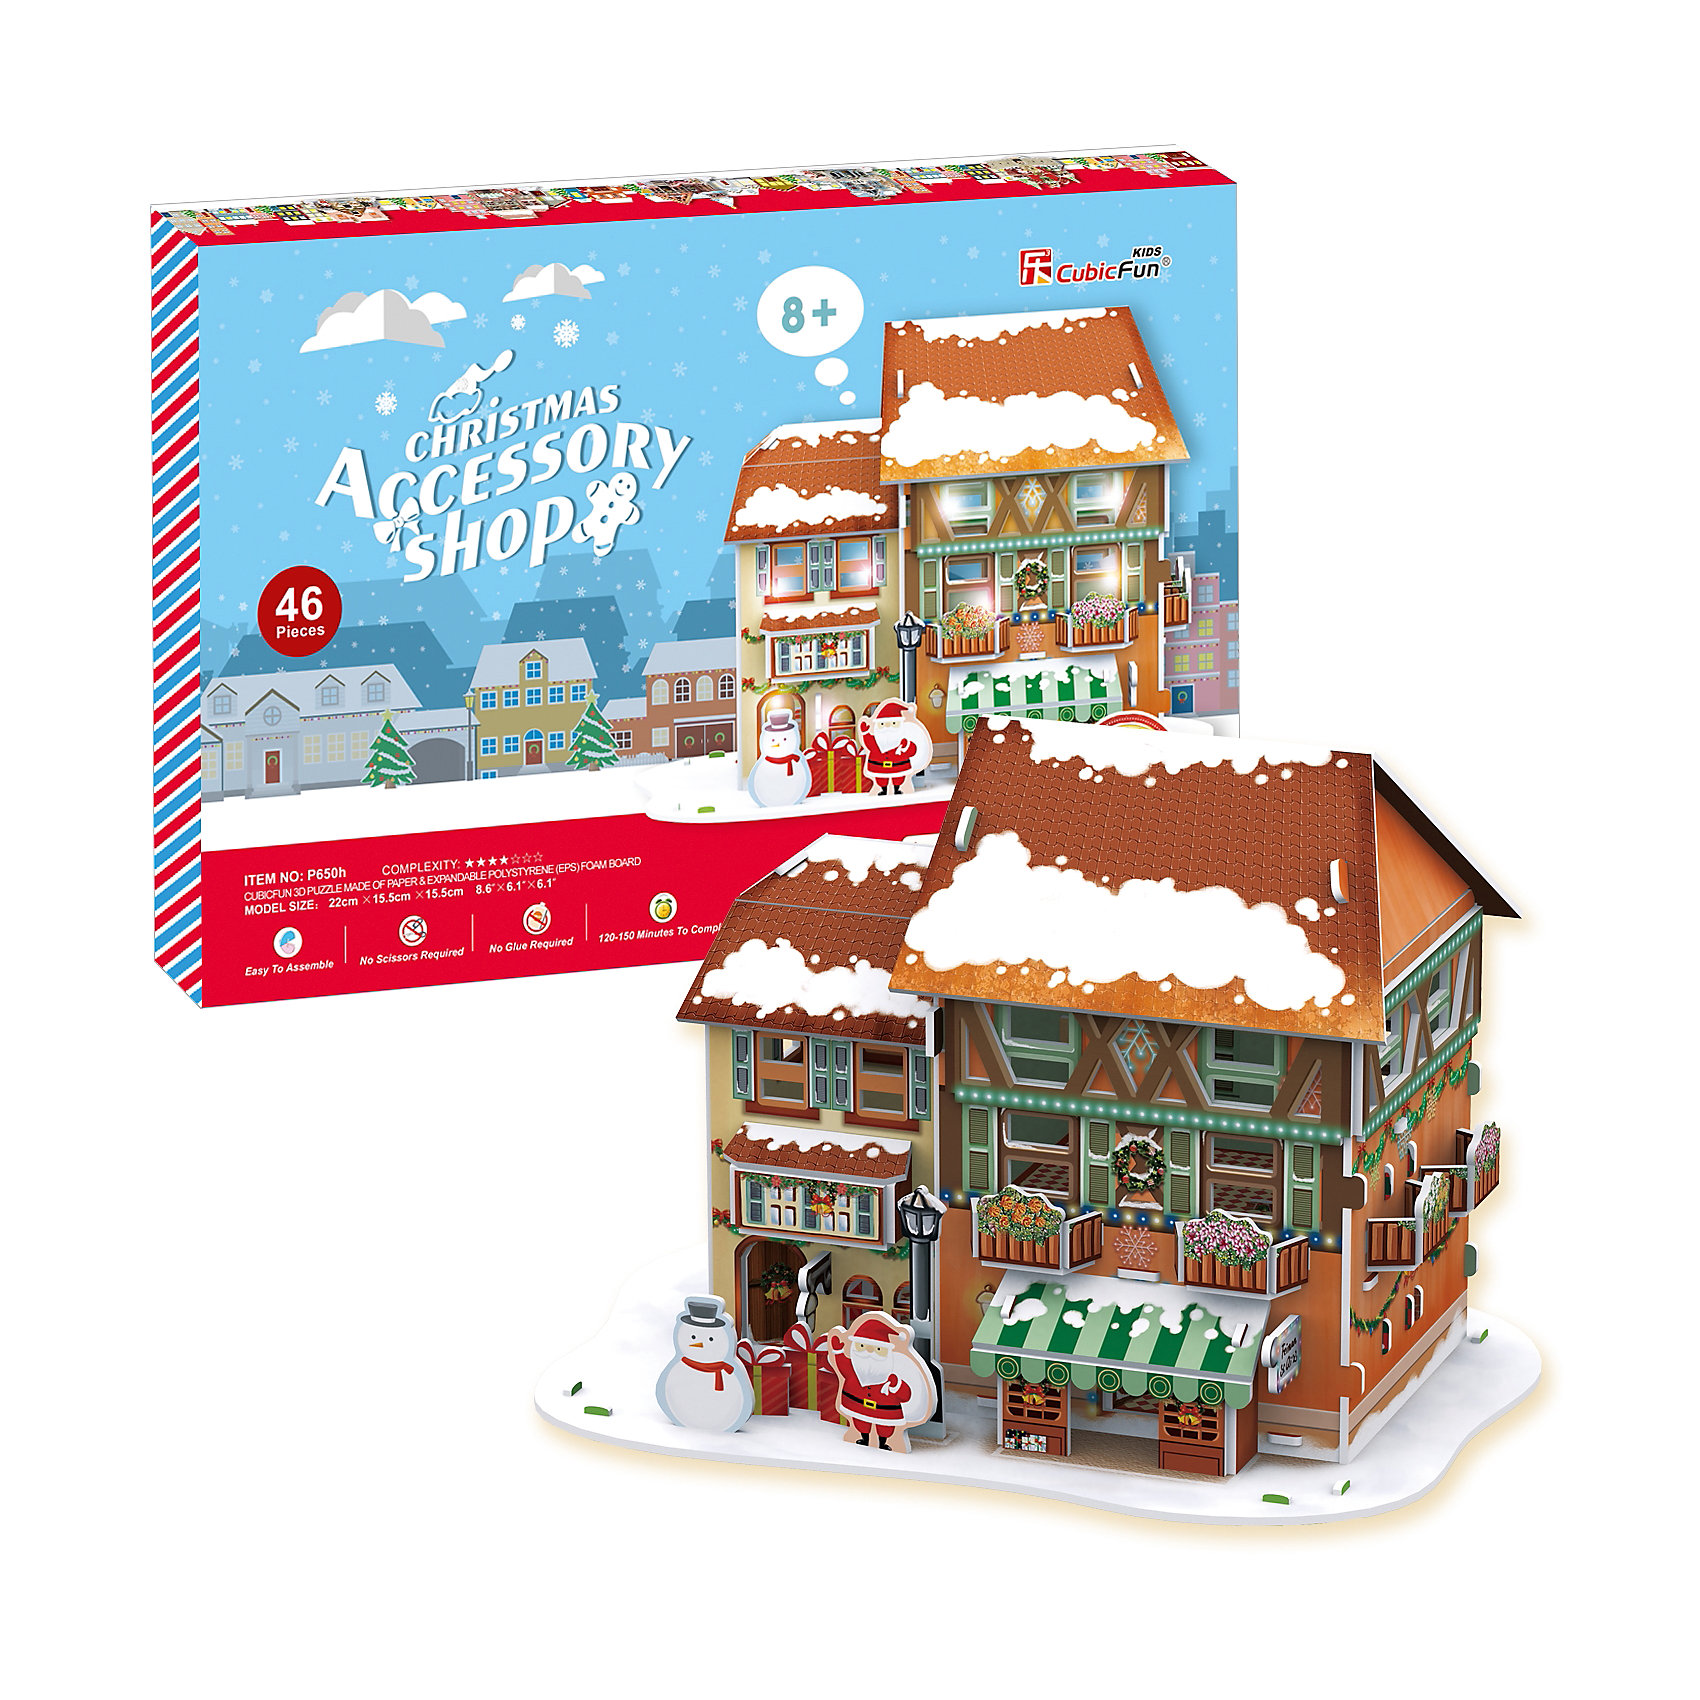 Рождественский домик 4, с подсветкой, CubicFun3D пазлы<br>Сказочный рождественский домик  ребенок может смастерить самостоятельно без клея и ножниц.  Детали легко и просто выдавливаются из картона и соединяются между собой с помощью специальных соединительных приспособлений. Этот домик украсит любую детскую комнату. С ним можно играть или просто поставить на полку и любоваться яркой и красивой поделкой. Игрушка помогает в развитии логики и творческих способностей ребенка, помогает в формировании мышления, речи, внимания, восприятия и воображения; развивает моторику рук; расширяет кругозор ребенка и стимулирует к познанию новой информации.<br><br>Дополнительная информация:<br><br>- Материал: ламинированный поликартон.<br>- Комплектация: детали пазла, инструкция, база со светодиодами.<br>- Элемент питания: 3 ААА батарейки (не входят в комплект).<br>- Размер в собранном виде: 22 х 15,5 х 15,5 см.<br>- Количество деталей: 46 шт.<br>- Обучающая, яркая и реалистичная модель.<br>- Идеально и легко собирается без инструментов.<br>- Увлекательный игровой процесс.<br><br>Рождественский домик 4, с подсветкой, CubicFun, можно купить в нашем магазине.<br><br>Ширина мм: 340<br>Глубина мм: 220<br>Высота мм: 25<br>Вес г: 304<br>Возраст от месяцев: 72<br>Возраст до месяцев: 192<br>Пол: Унисекс<br>Возраст: Детский<br>SKU: 4278438